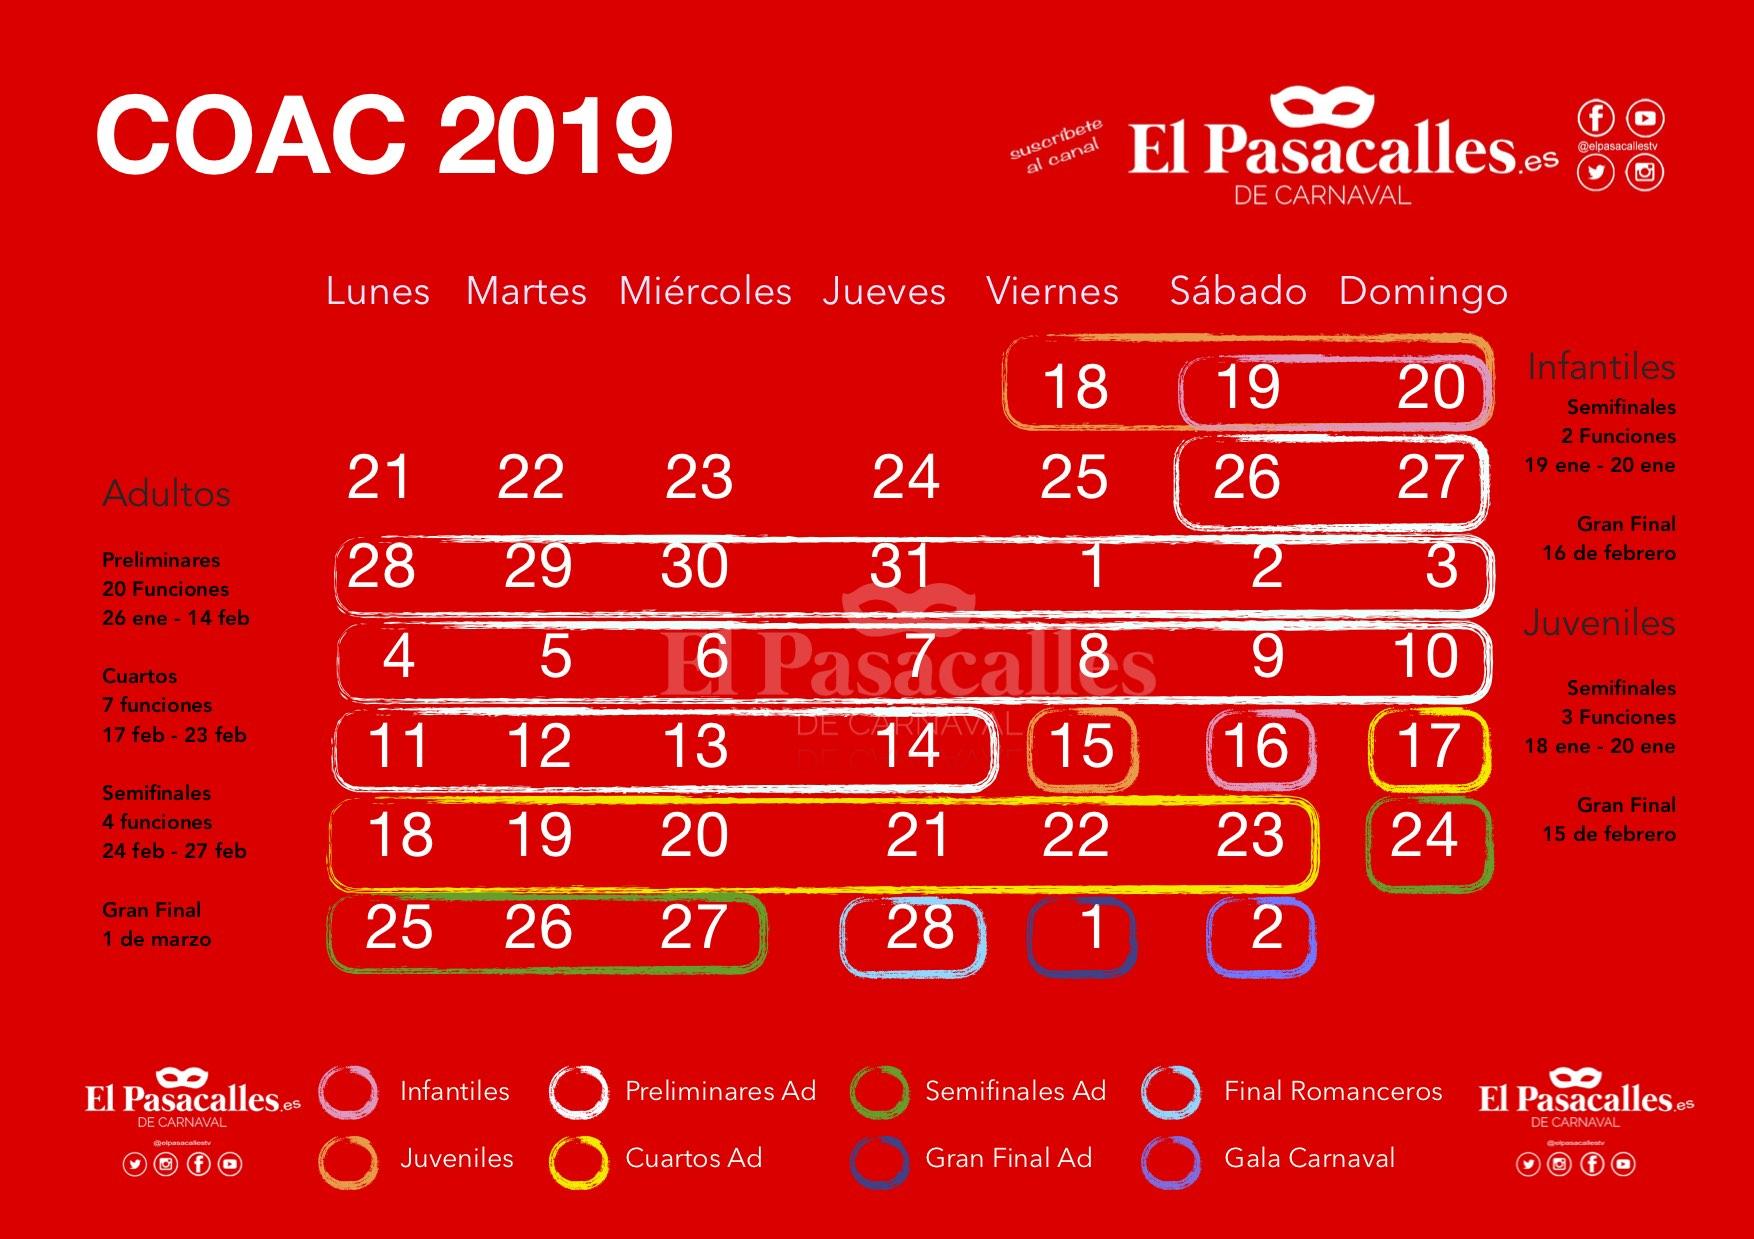 Calendario Fin De Semana 2019.Asi Queda El Calendario Del Coac 2019 Tras La Ultimas